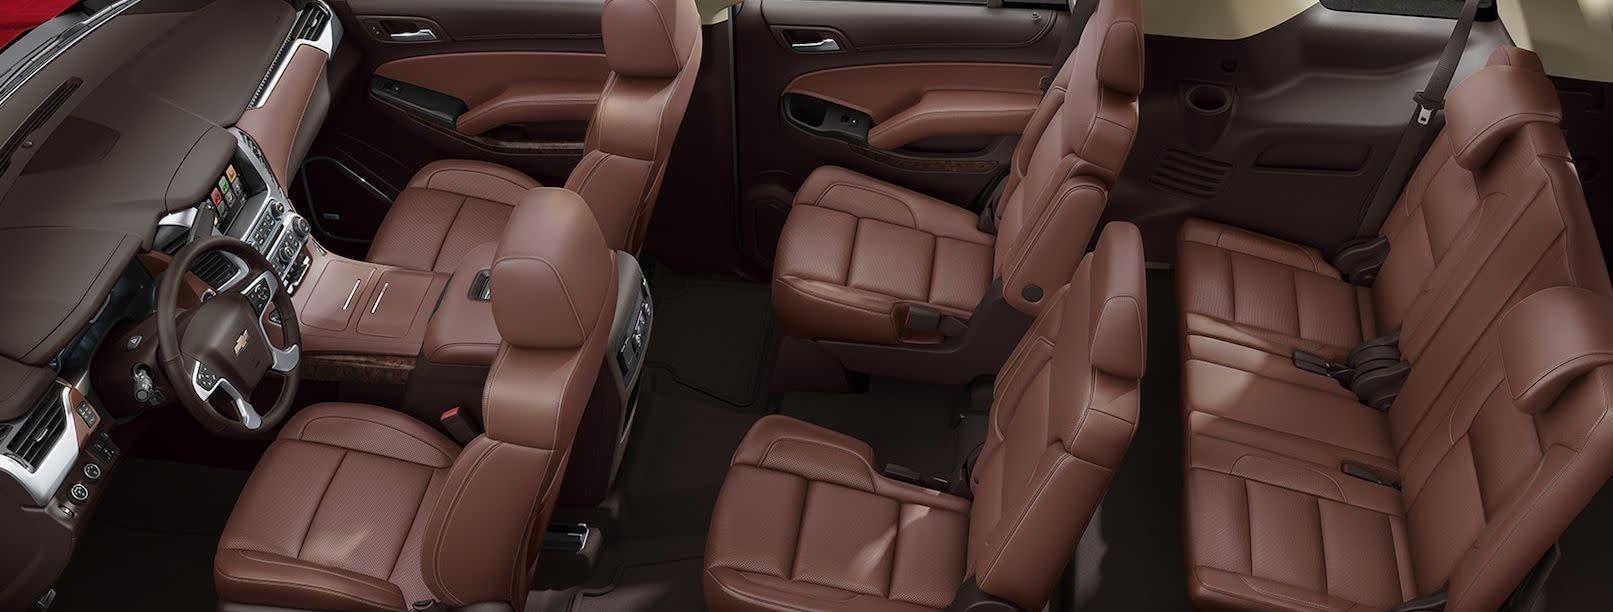 Image Result For Chevrolet Dealerships In Tulsa Ok